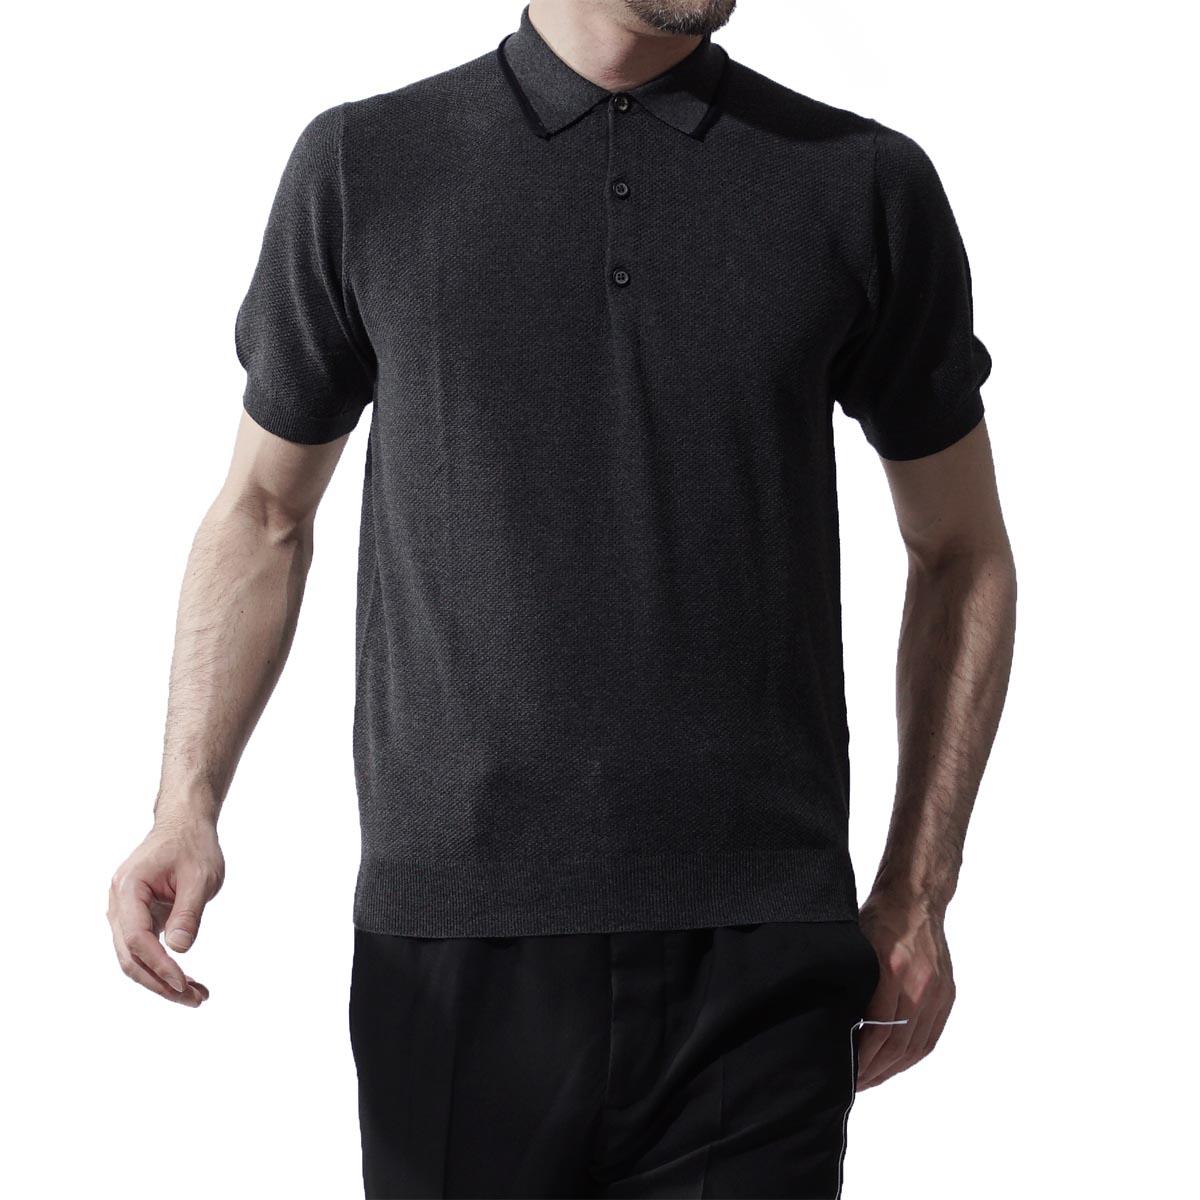 ランバン LANVIN ポロシャツ COTTON AND SILK PIQUE POLO ANTHRACITE グレー系 260 76400 rmpo0012 p15 18 メンズ【ラッピング無料】【返品送料無料】